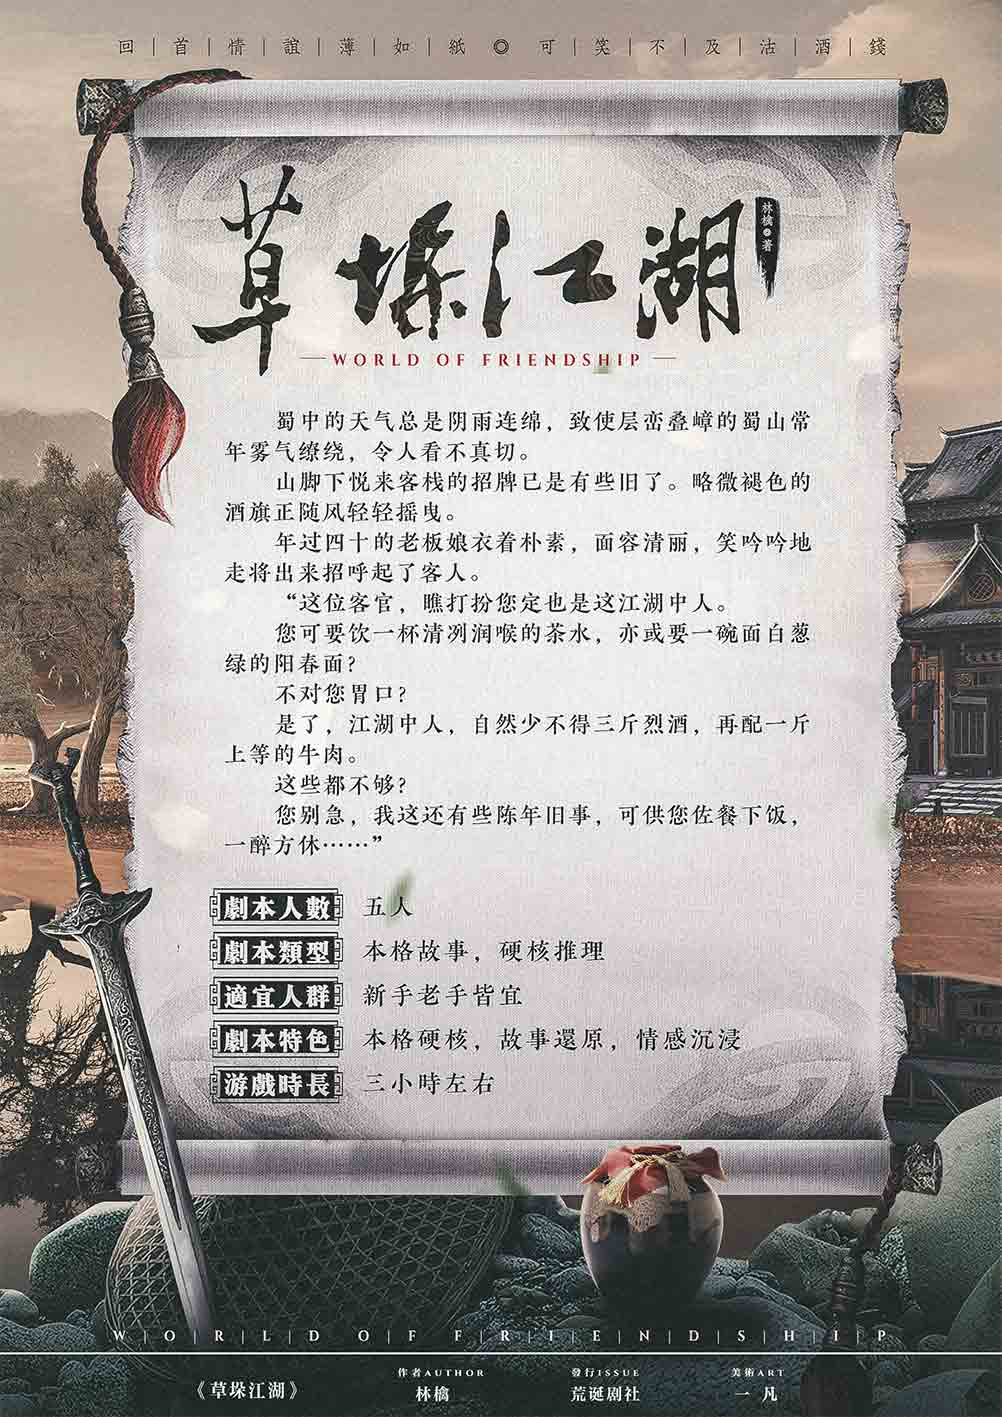 『草垛江湖』 剧本杀复盘凶手真相解析